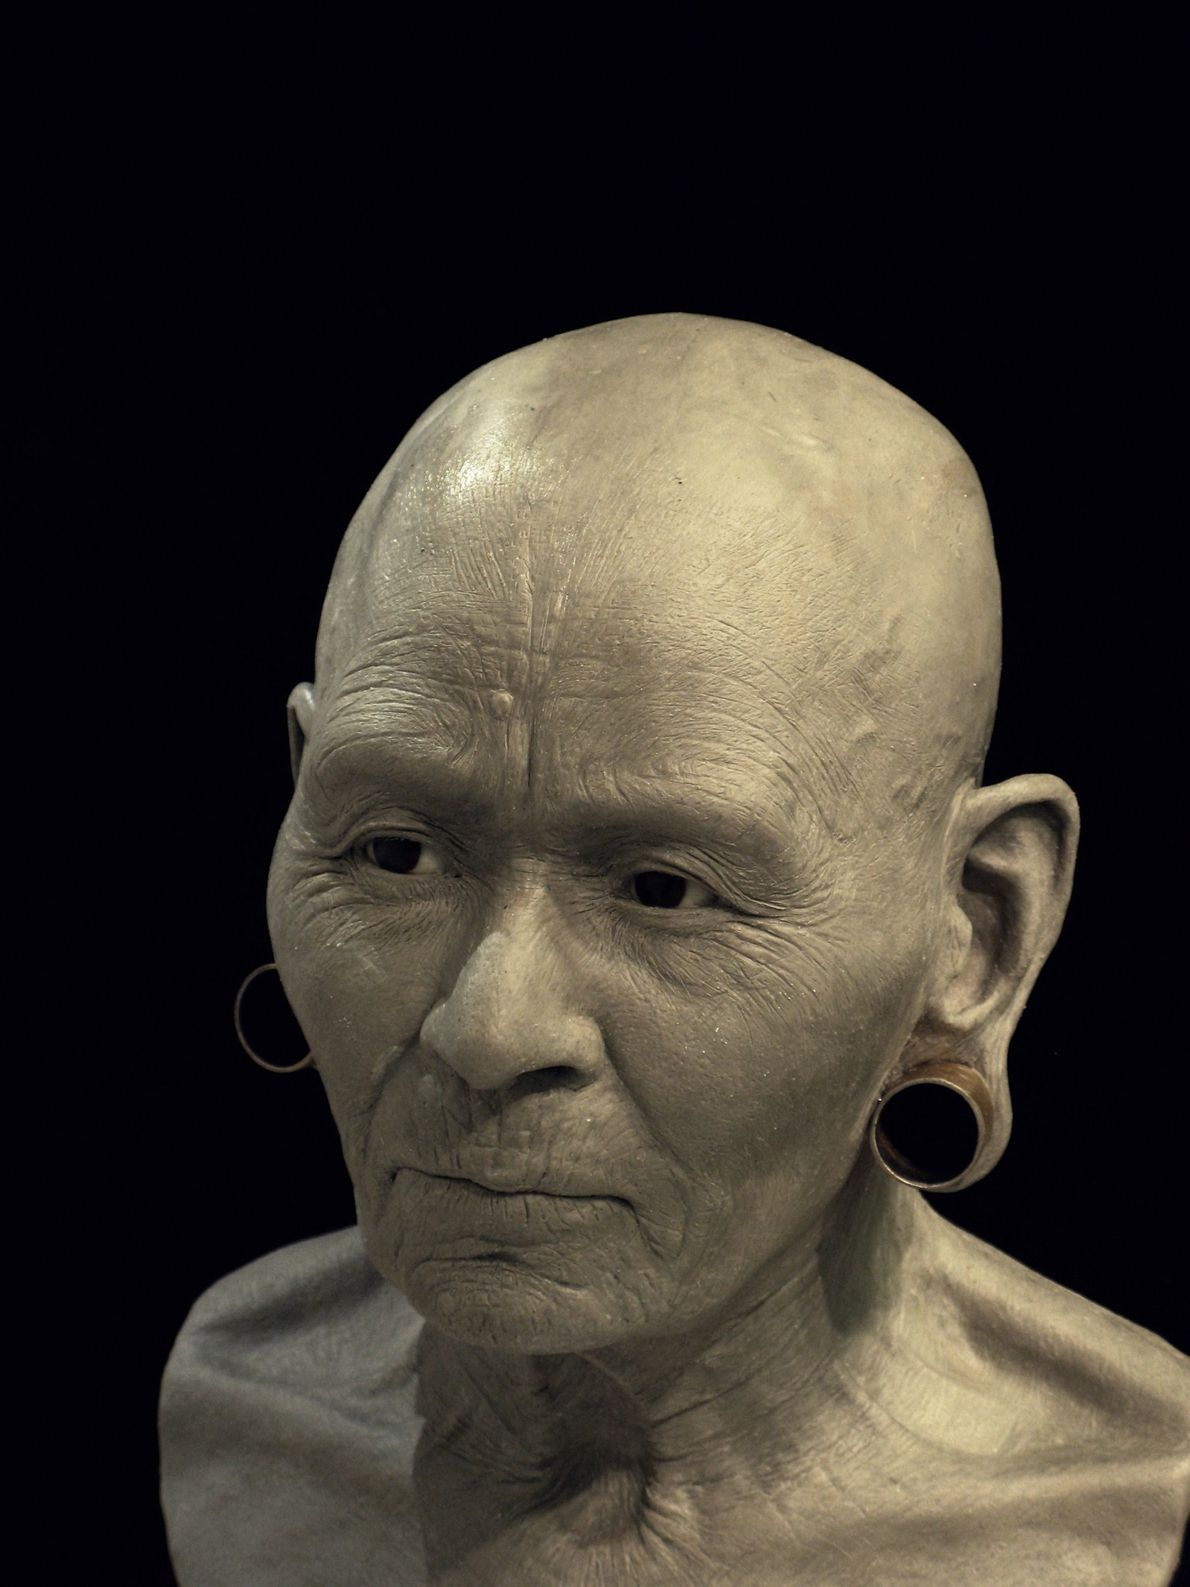 Une cheville supplémentaire a été utilisée pour modeler la peau et les tissus superficiels.